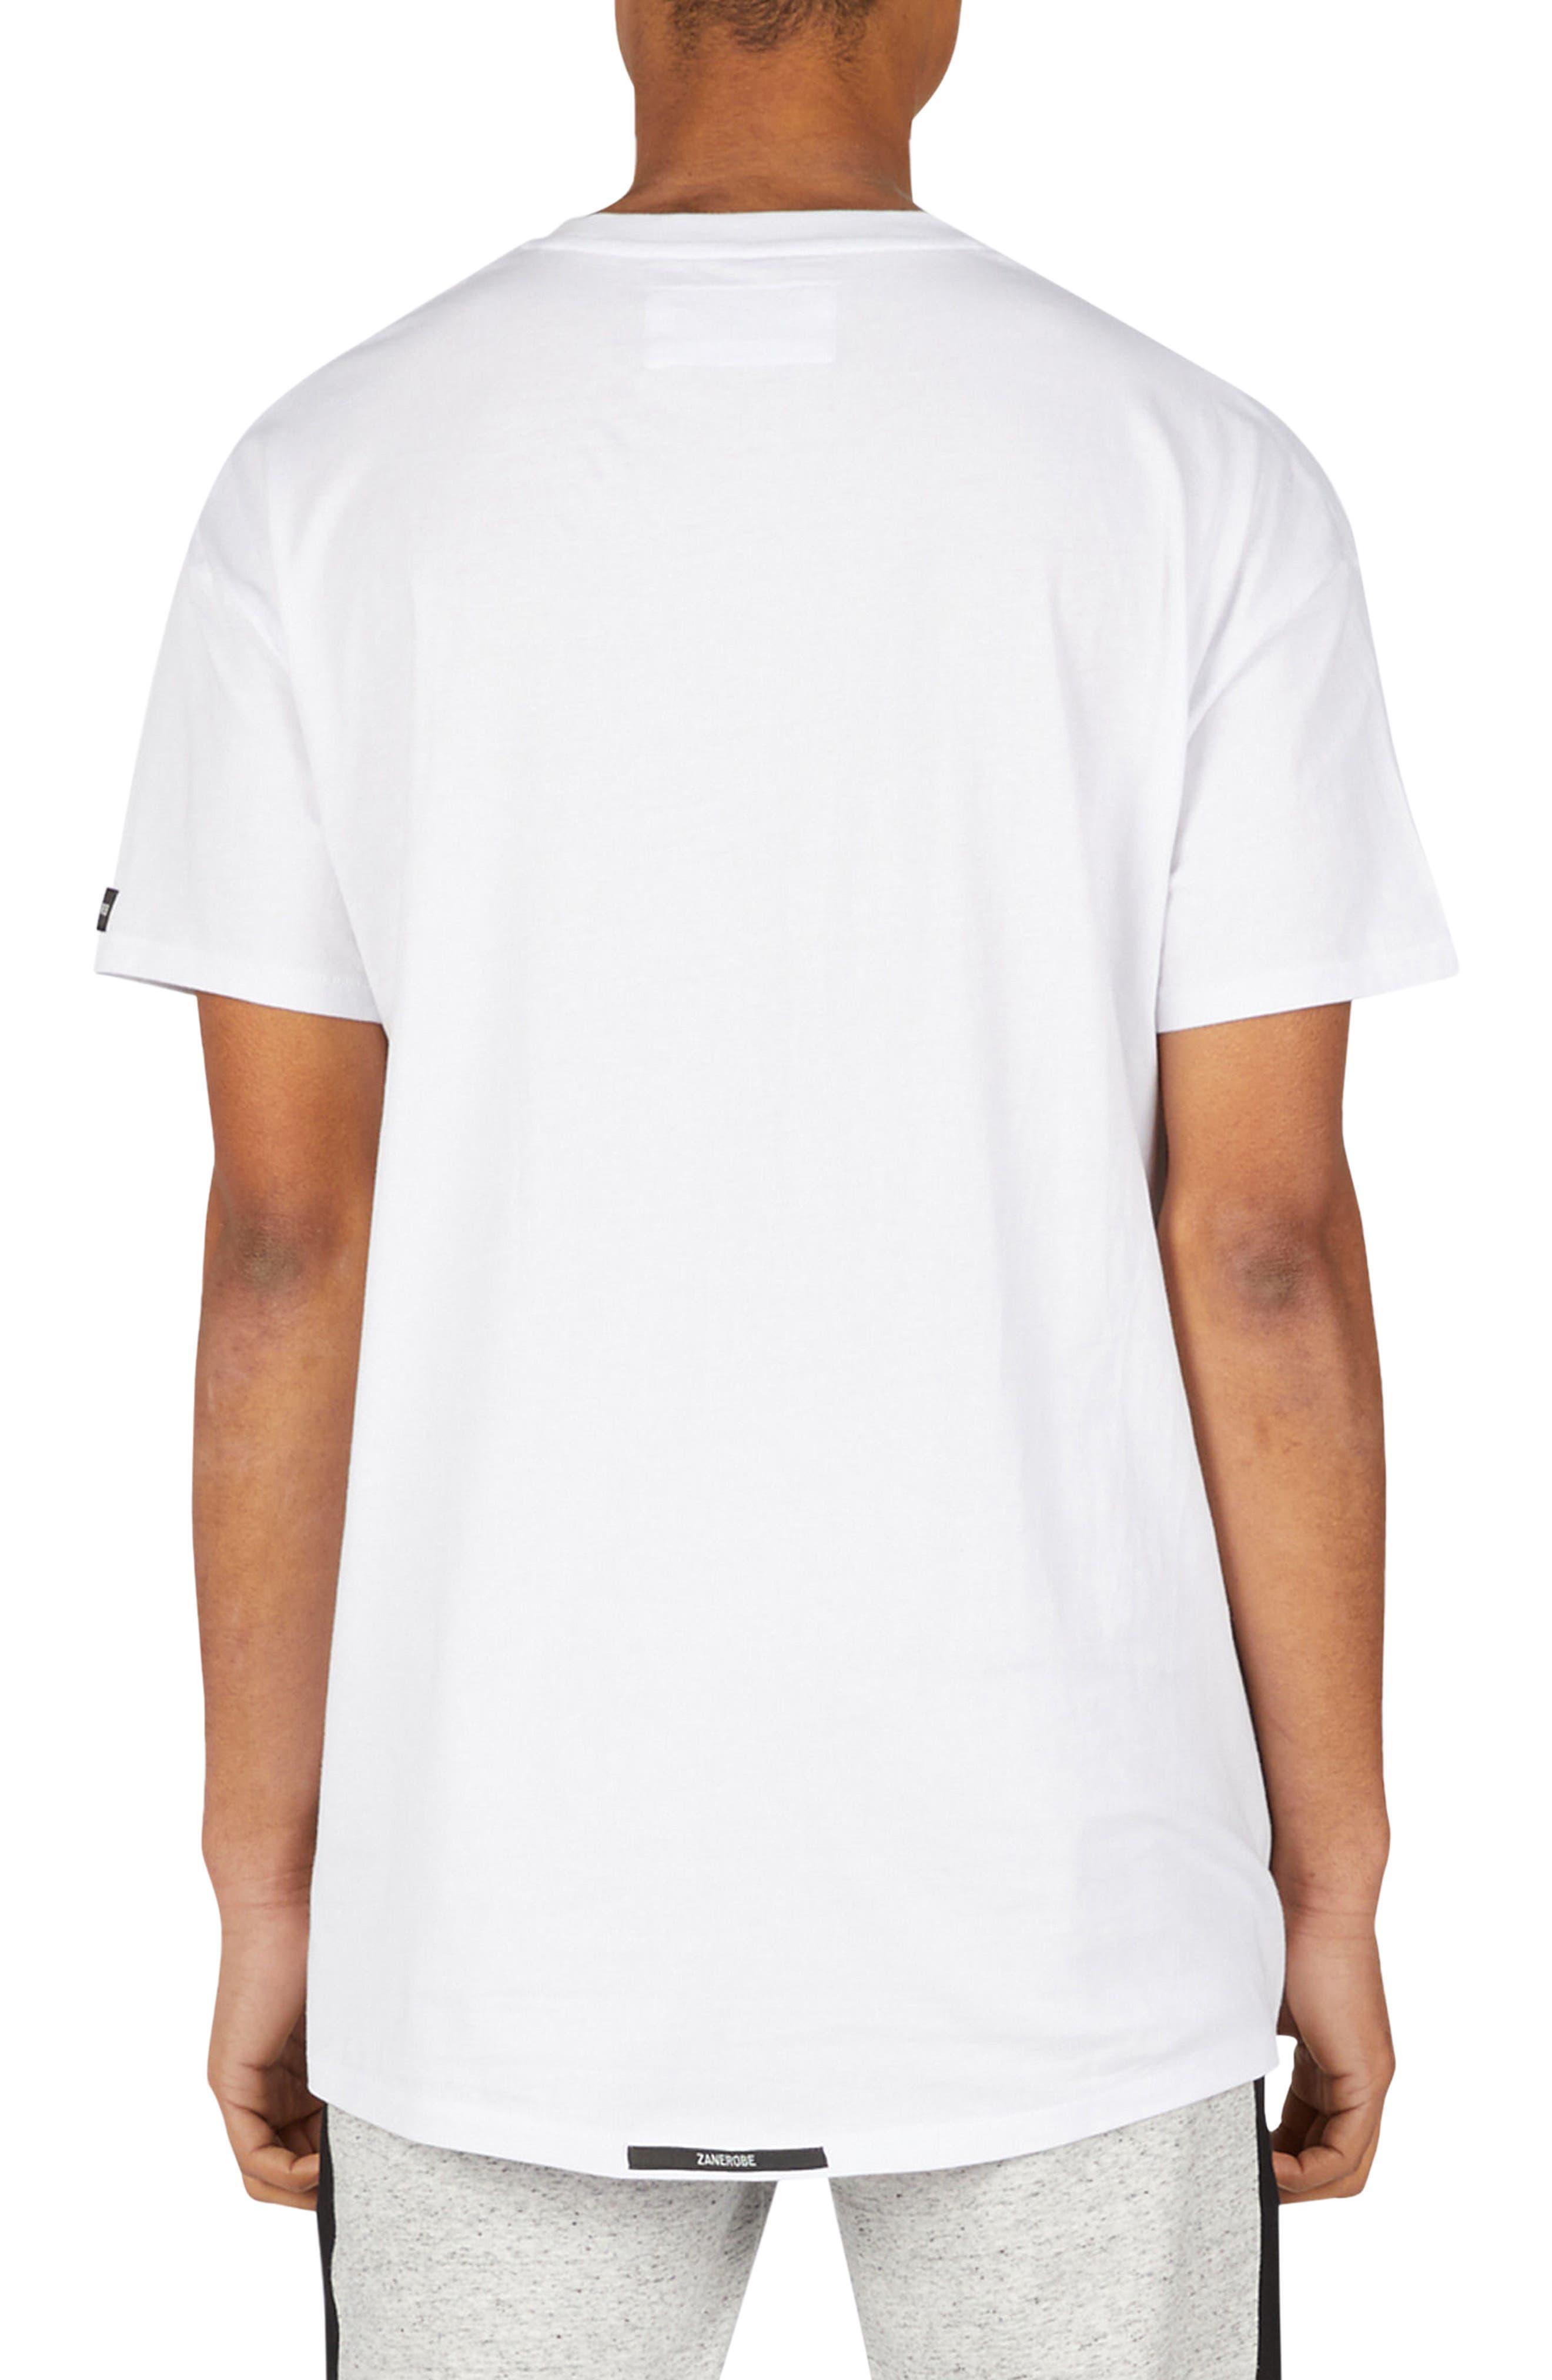 Team Rugger T-Shirt,                             Alternate thumbnail 2, color,                             White